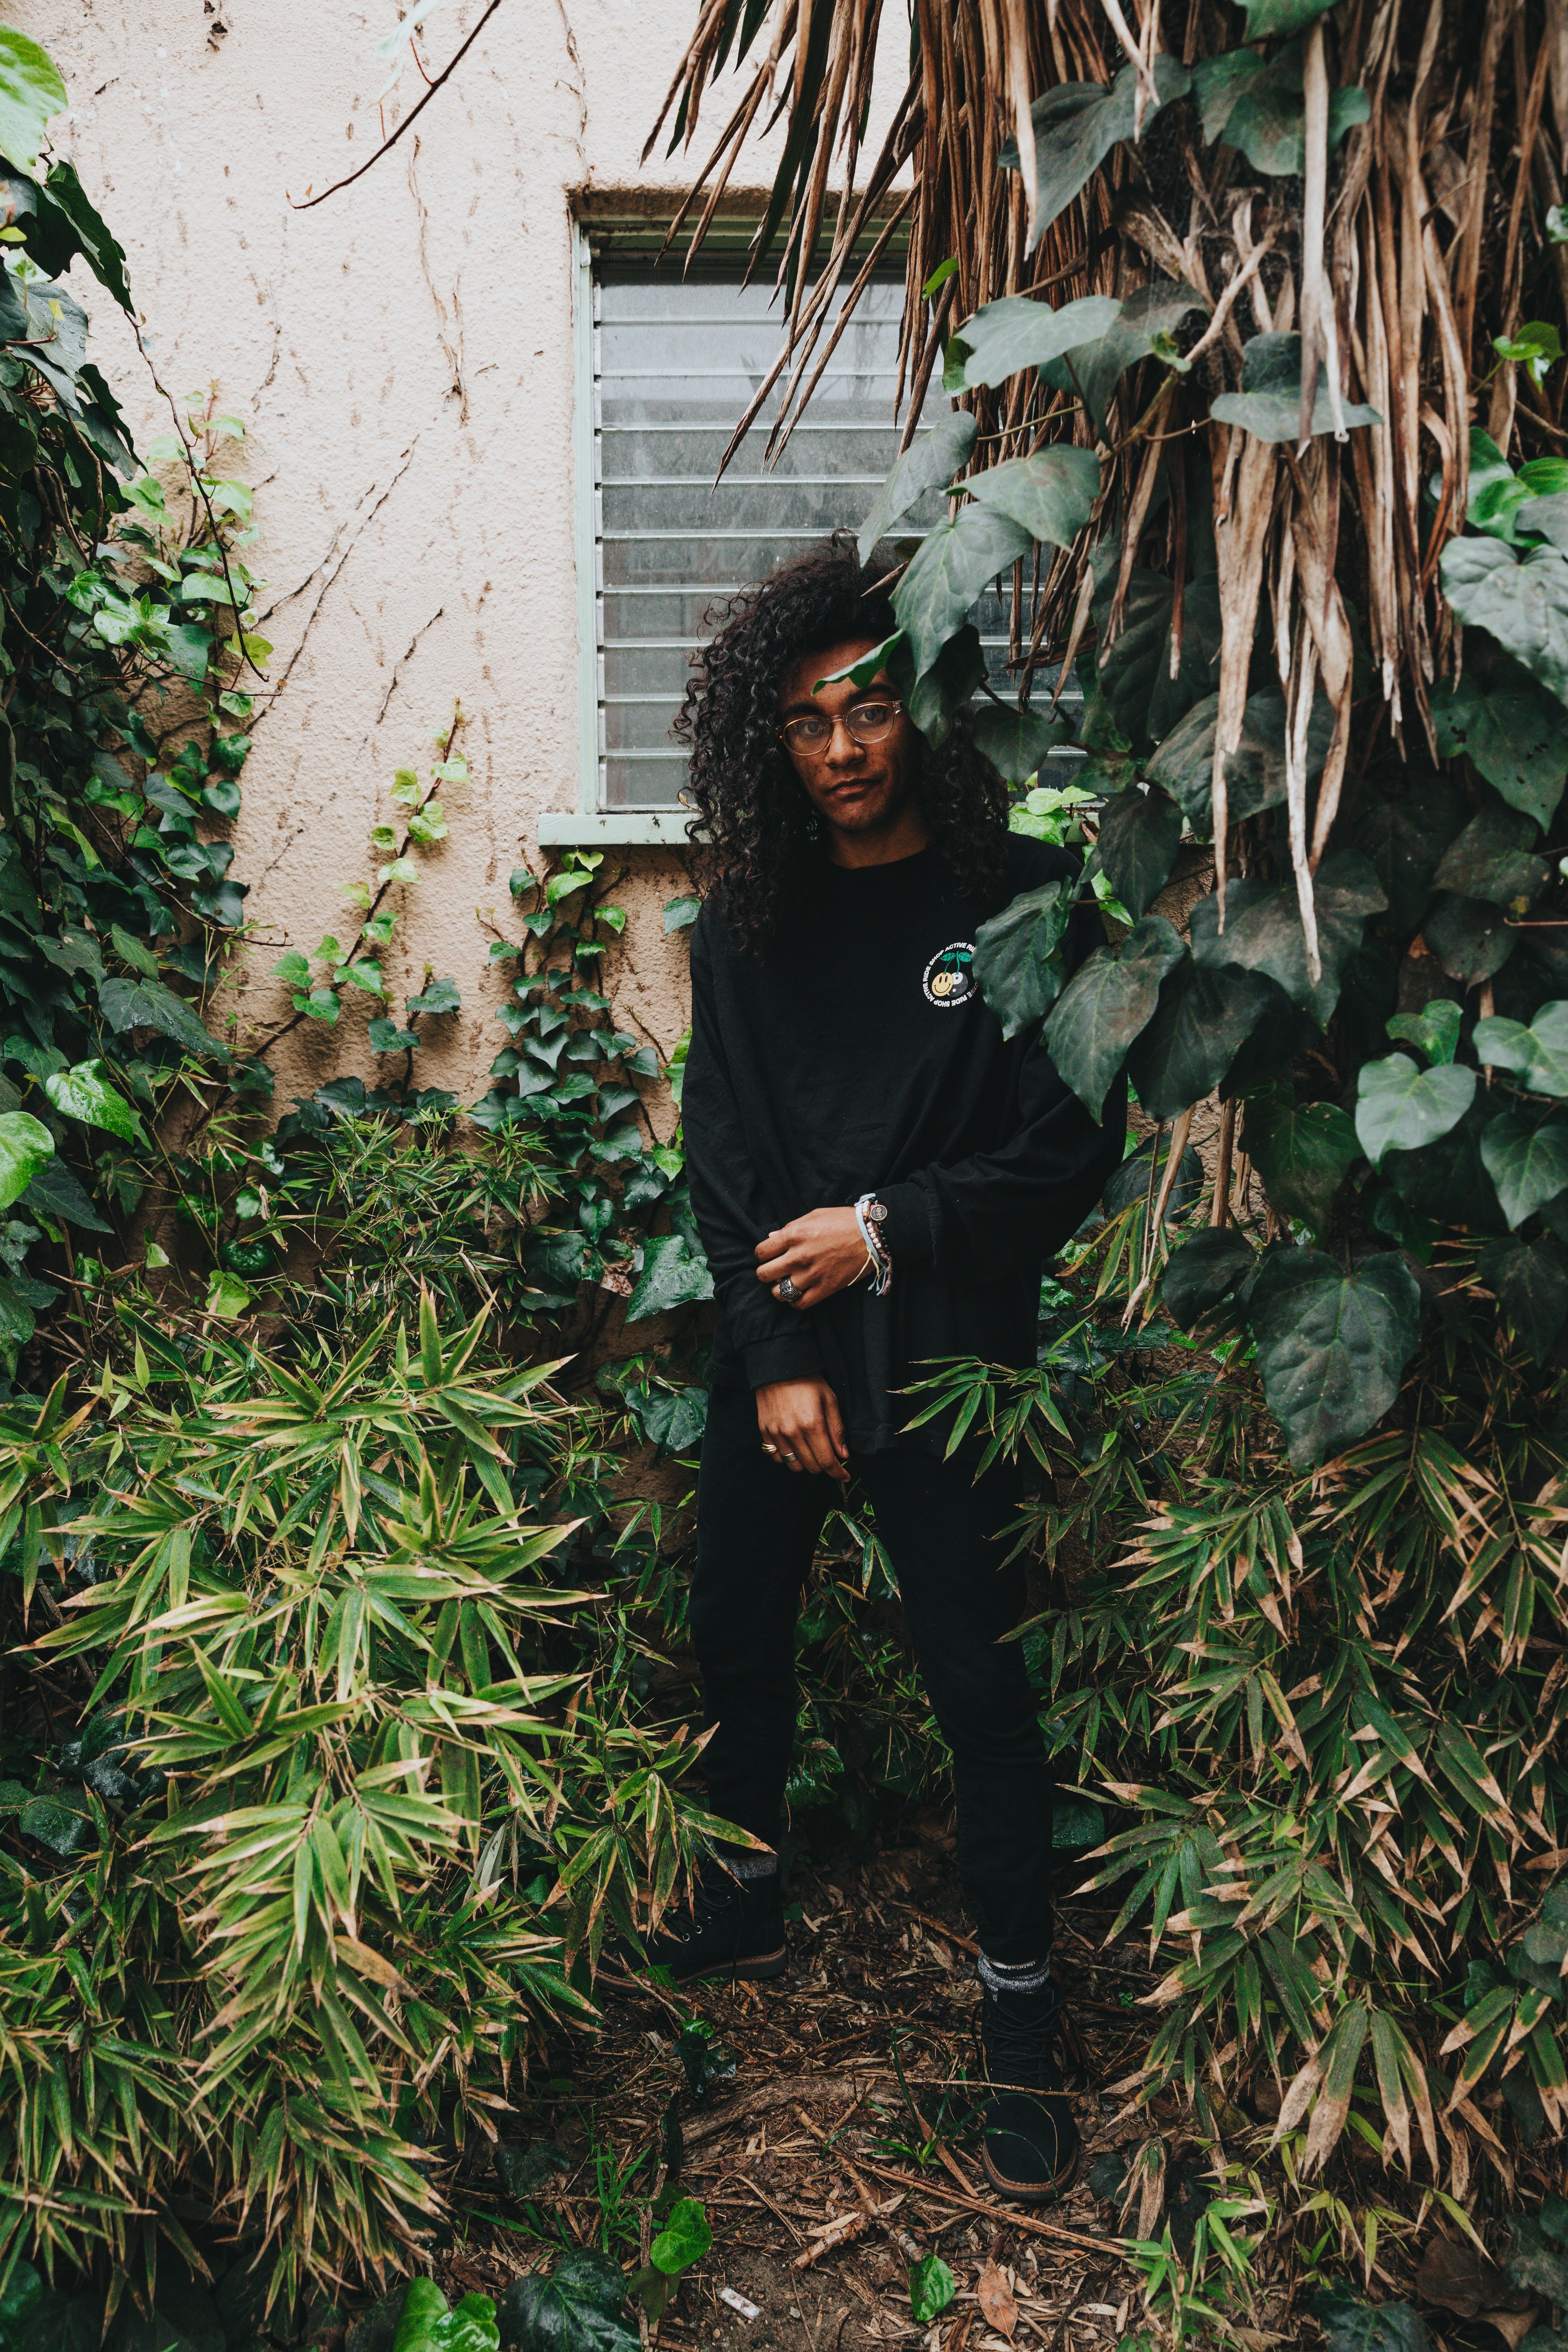 man in black sweatshirt standing near window